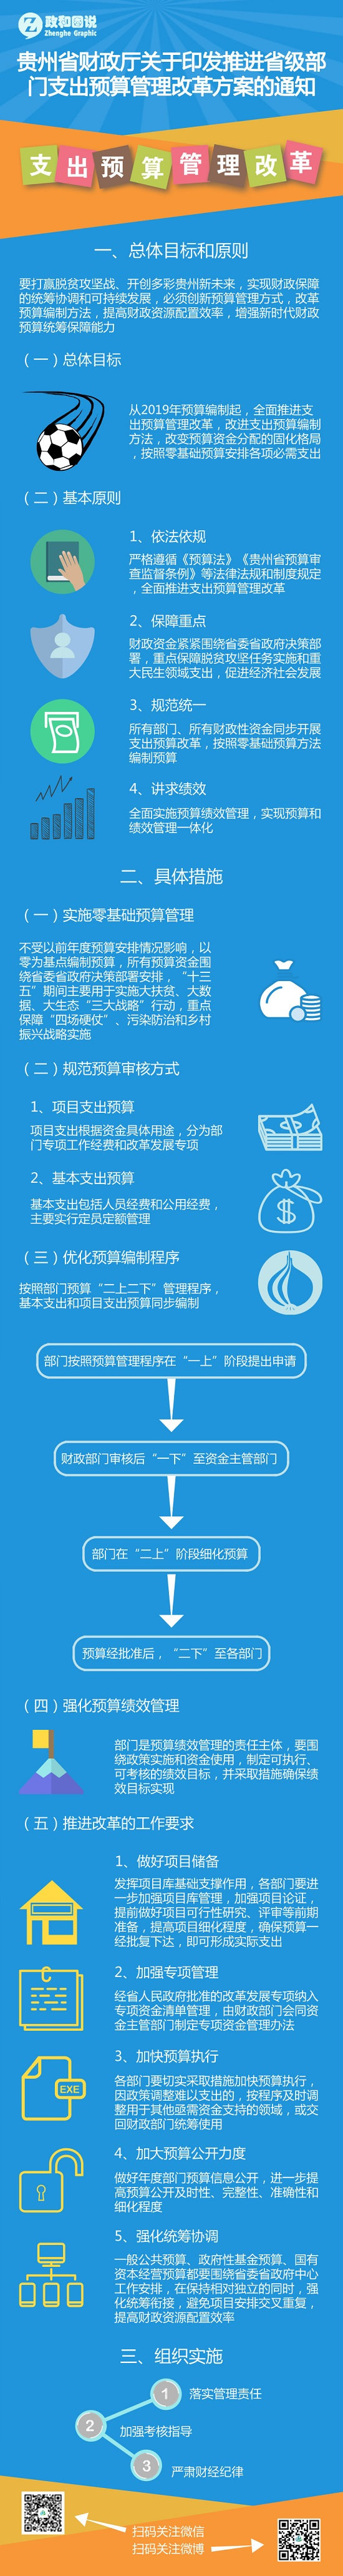 2018.8.22-贵州省财政厅关于印发推进省级部门支出预算管理改革方案的通知-侯维全.jpg